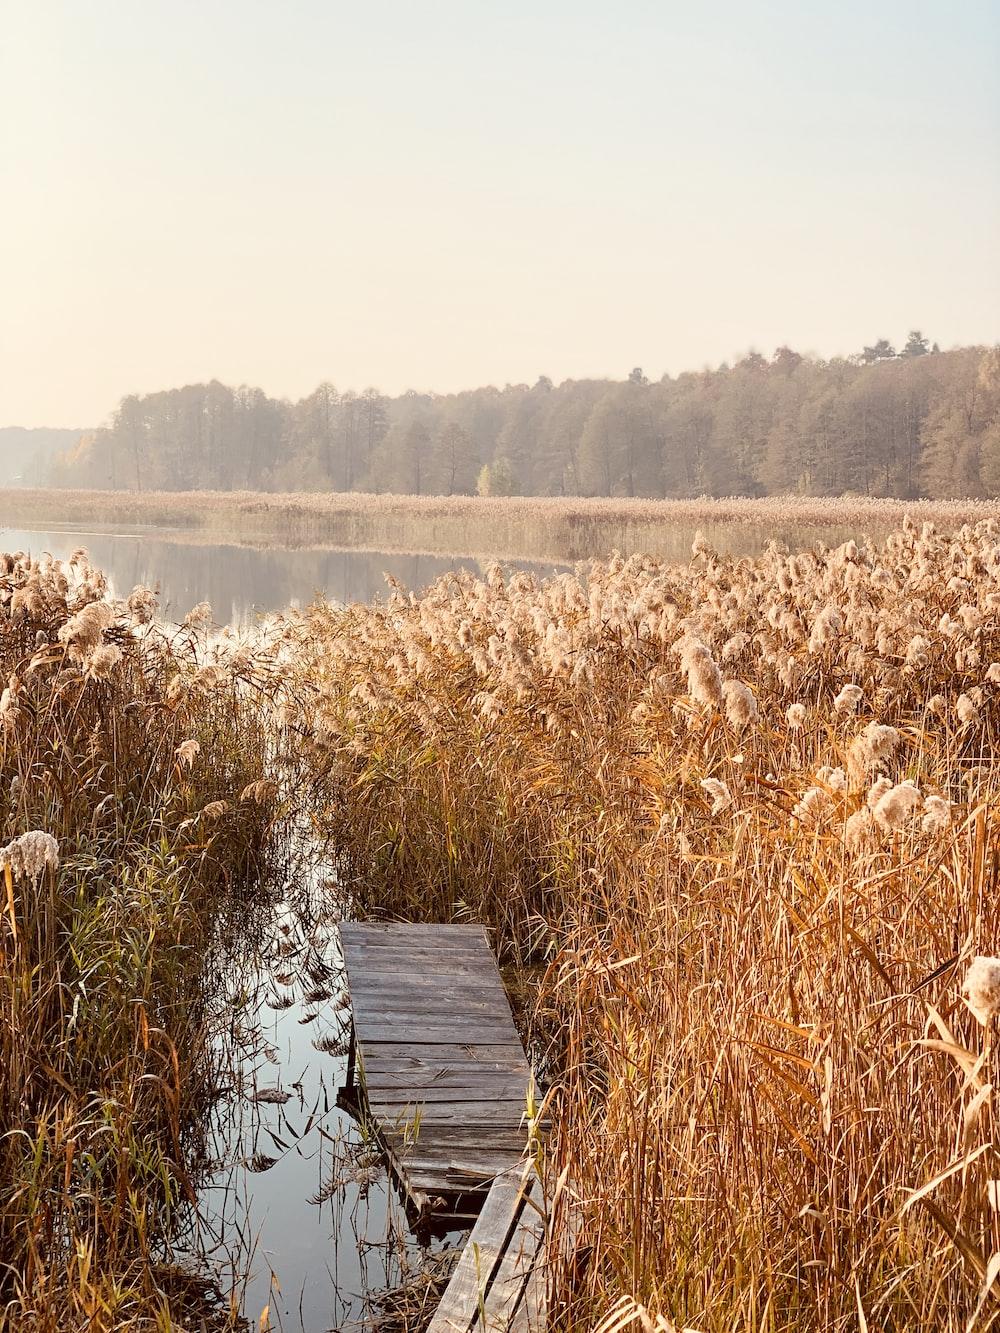 flower field beside calm body of water